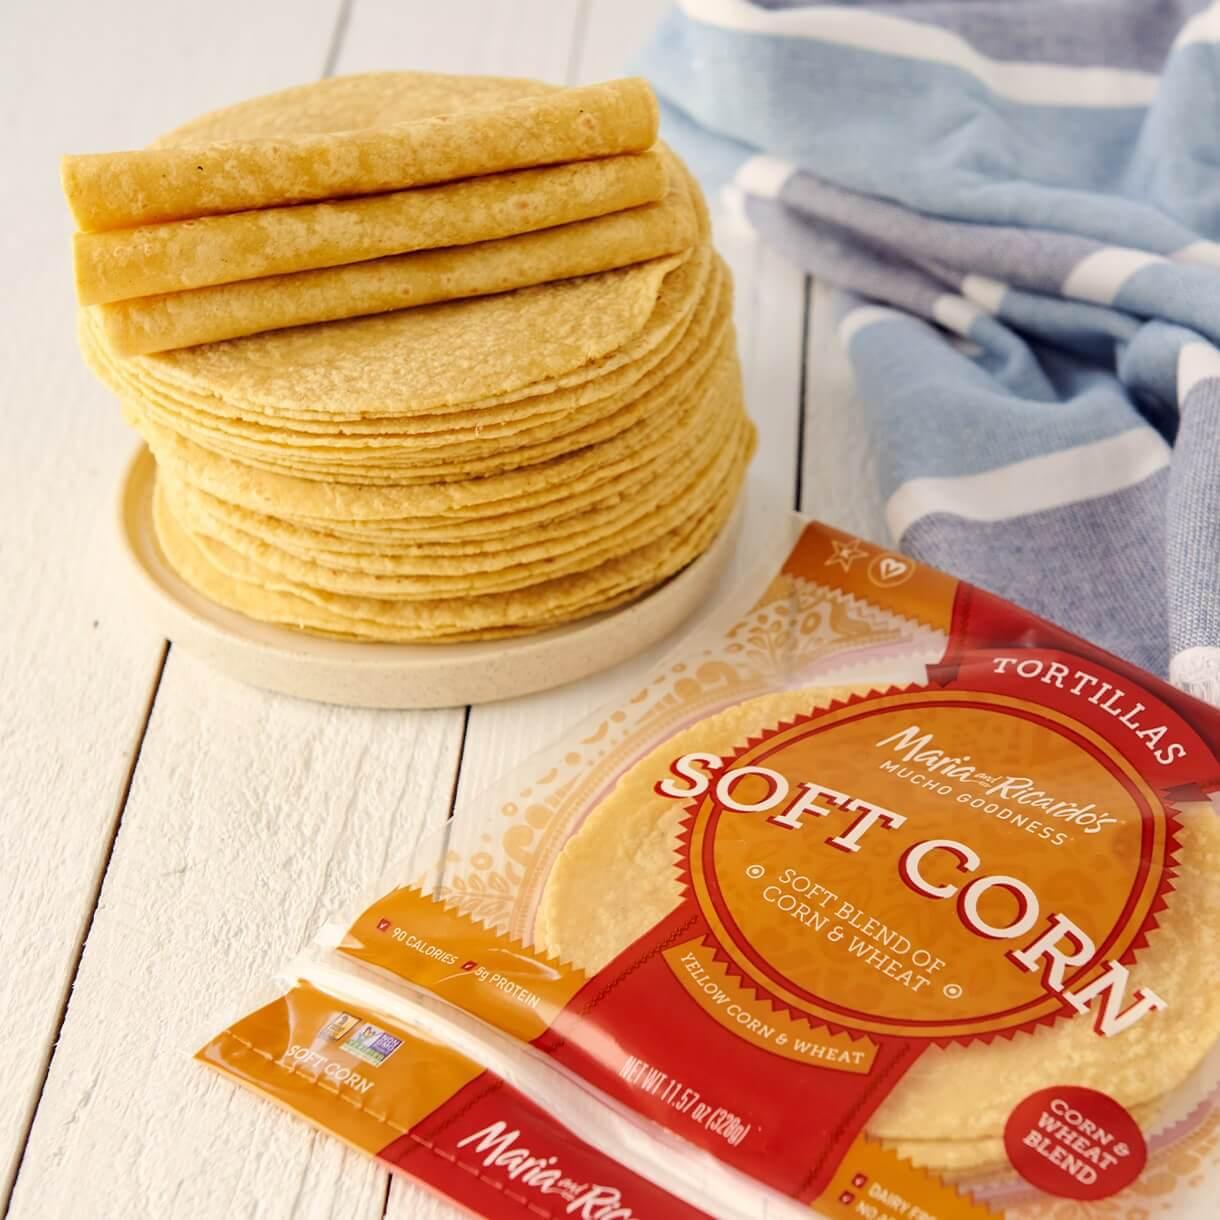 originals_soft-corn